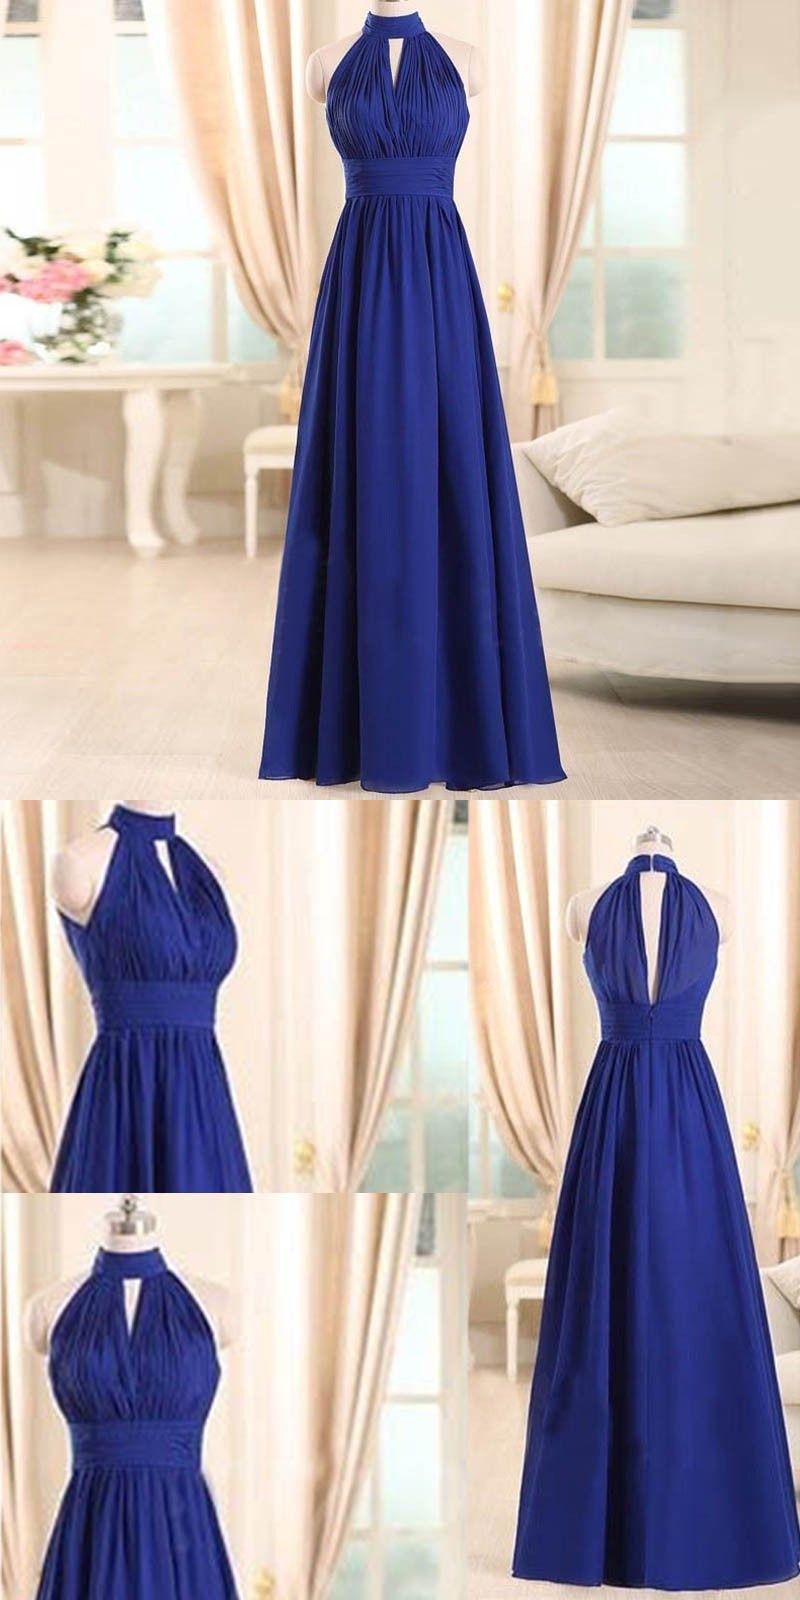 Royal blue bridesmaid dress bridesmaid dress long bridesmaid